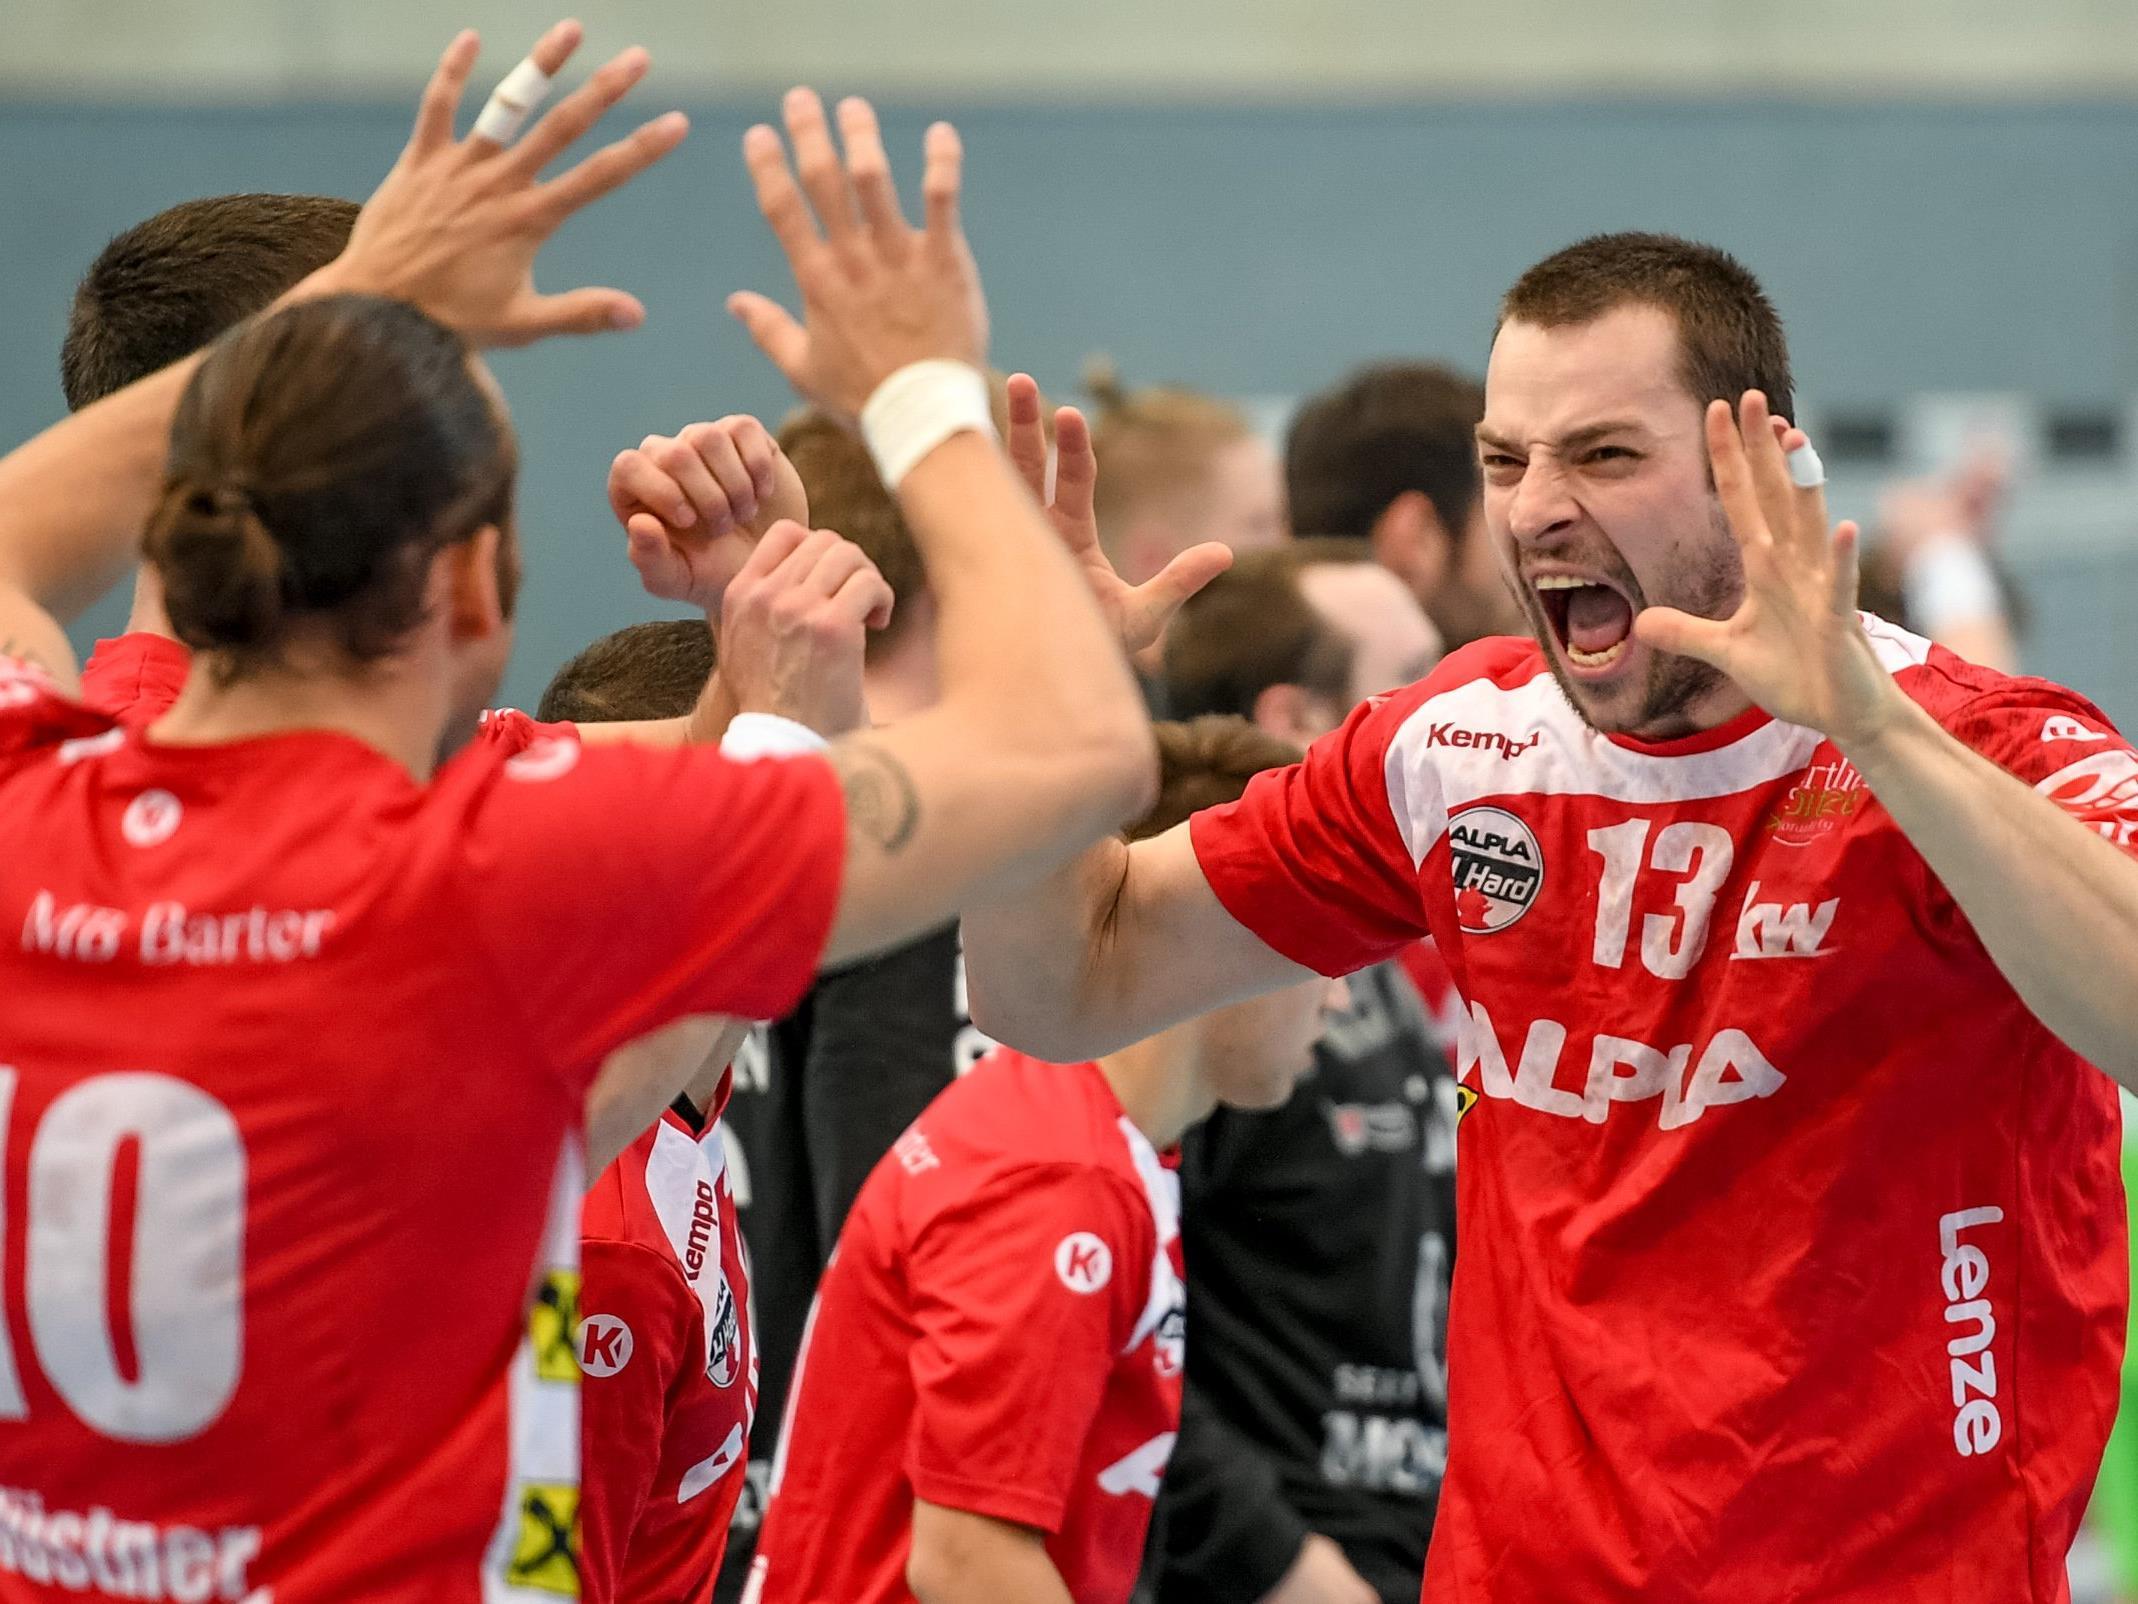 Frederik Wüstner und Marko Tanaskovic feiern ihren Sieg im Halbfinale.